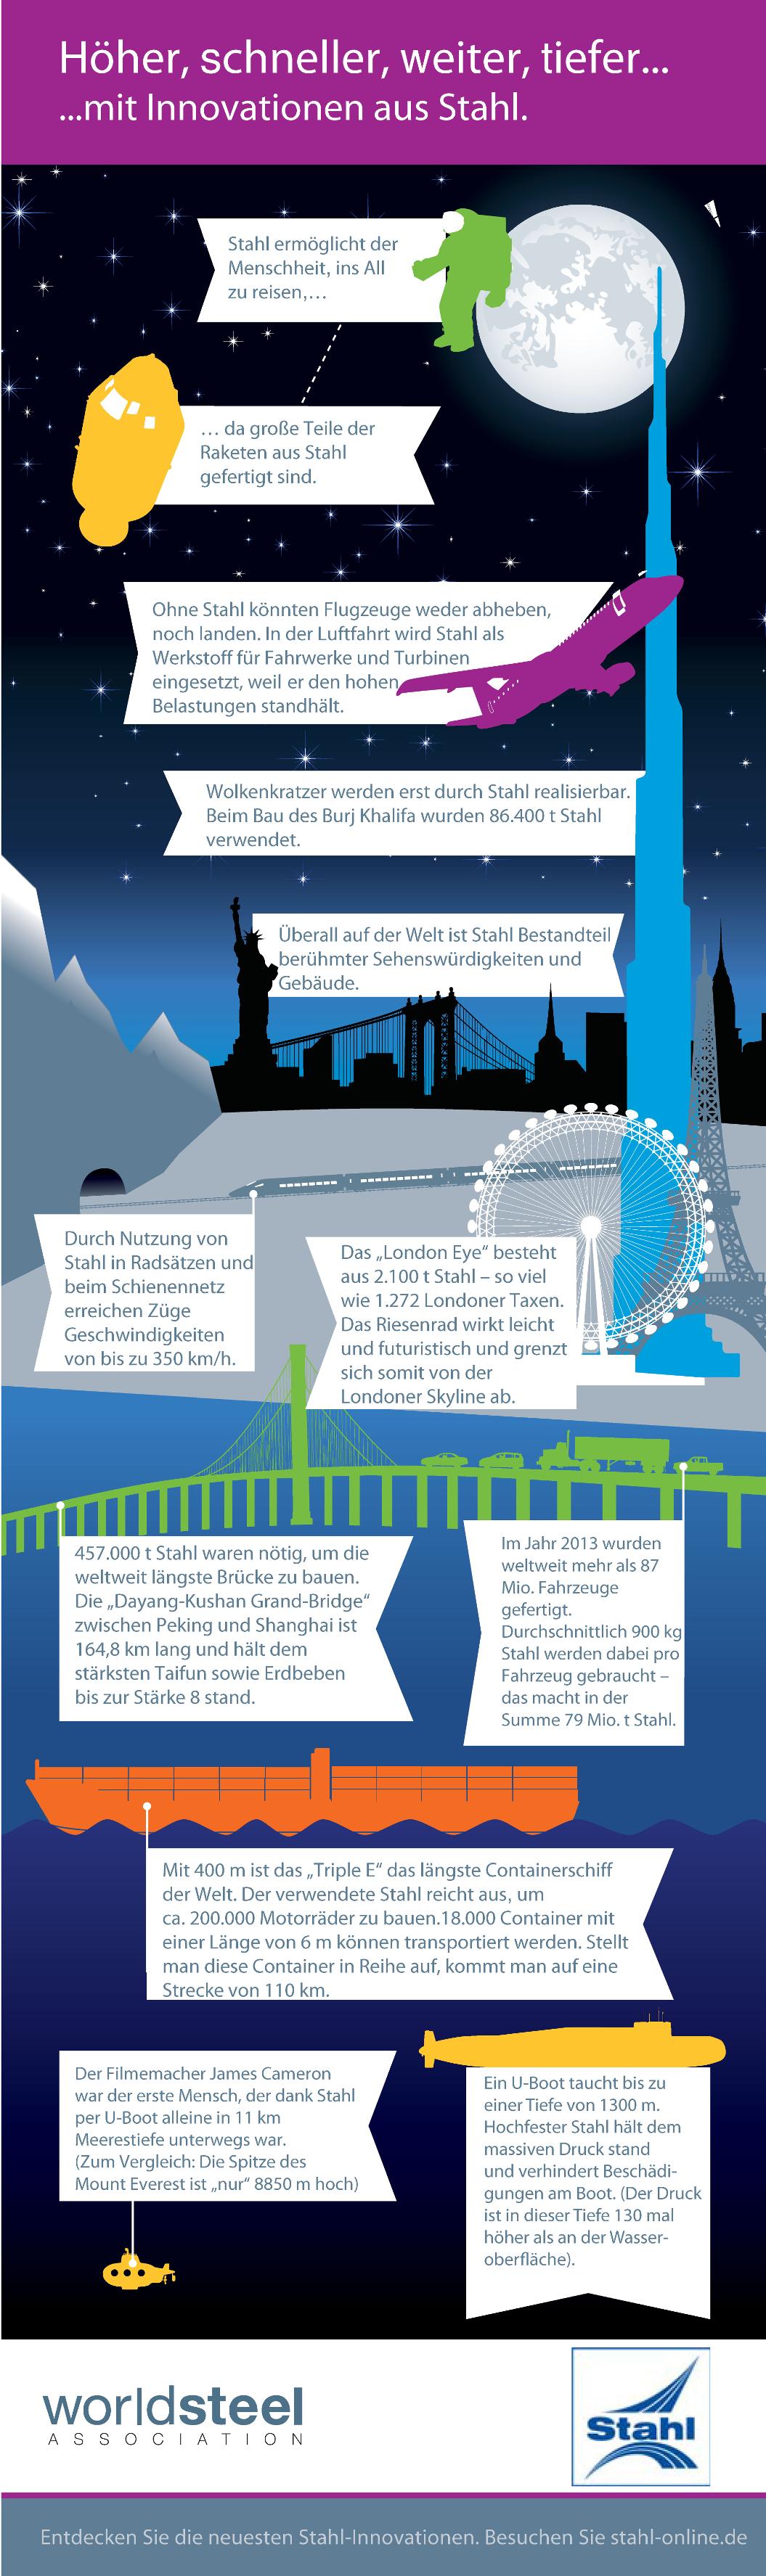 DE_worldsteel_infografik1